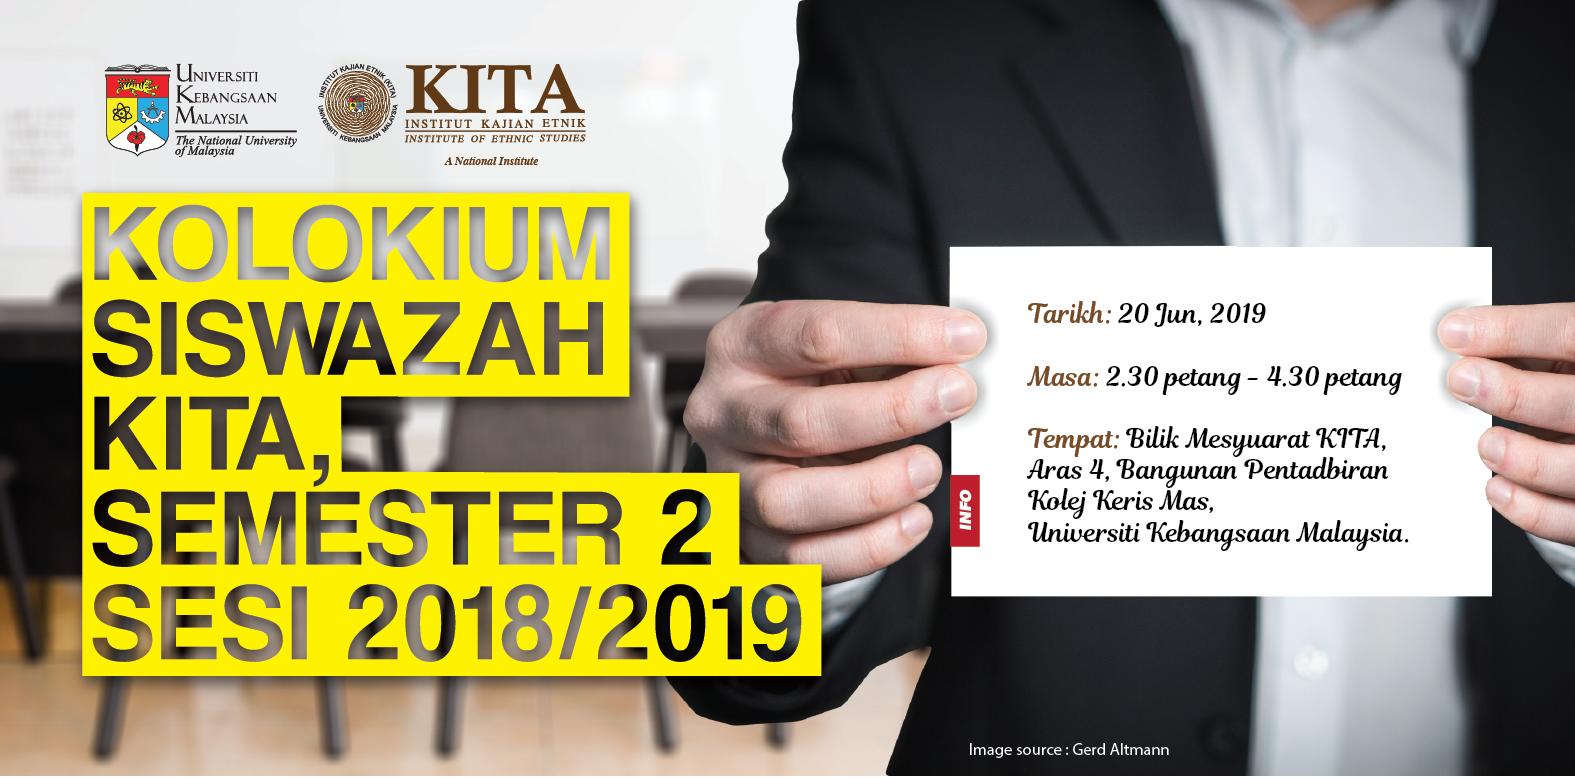 Kolokium Siswazah KITA Sem 2 Sesi 2018/2019